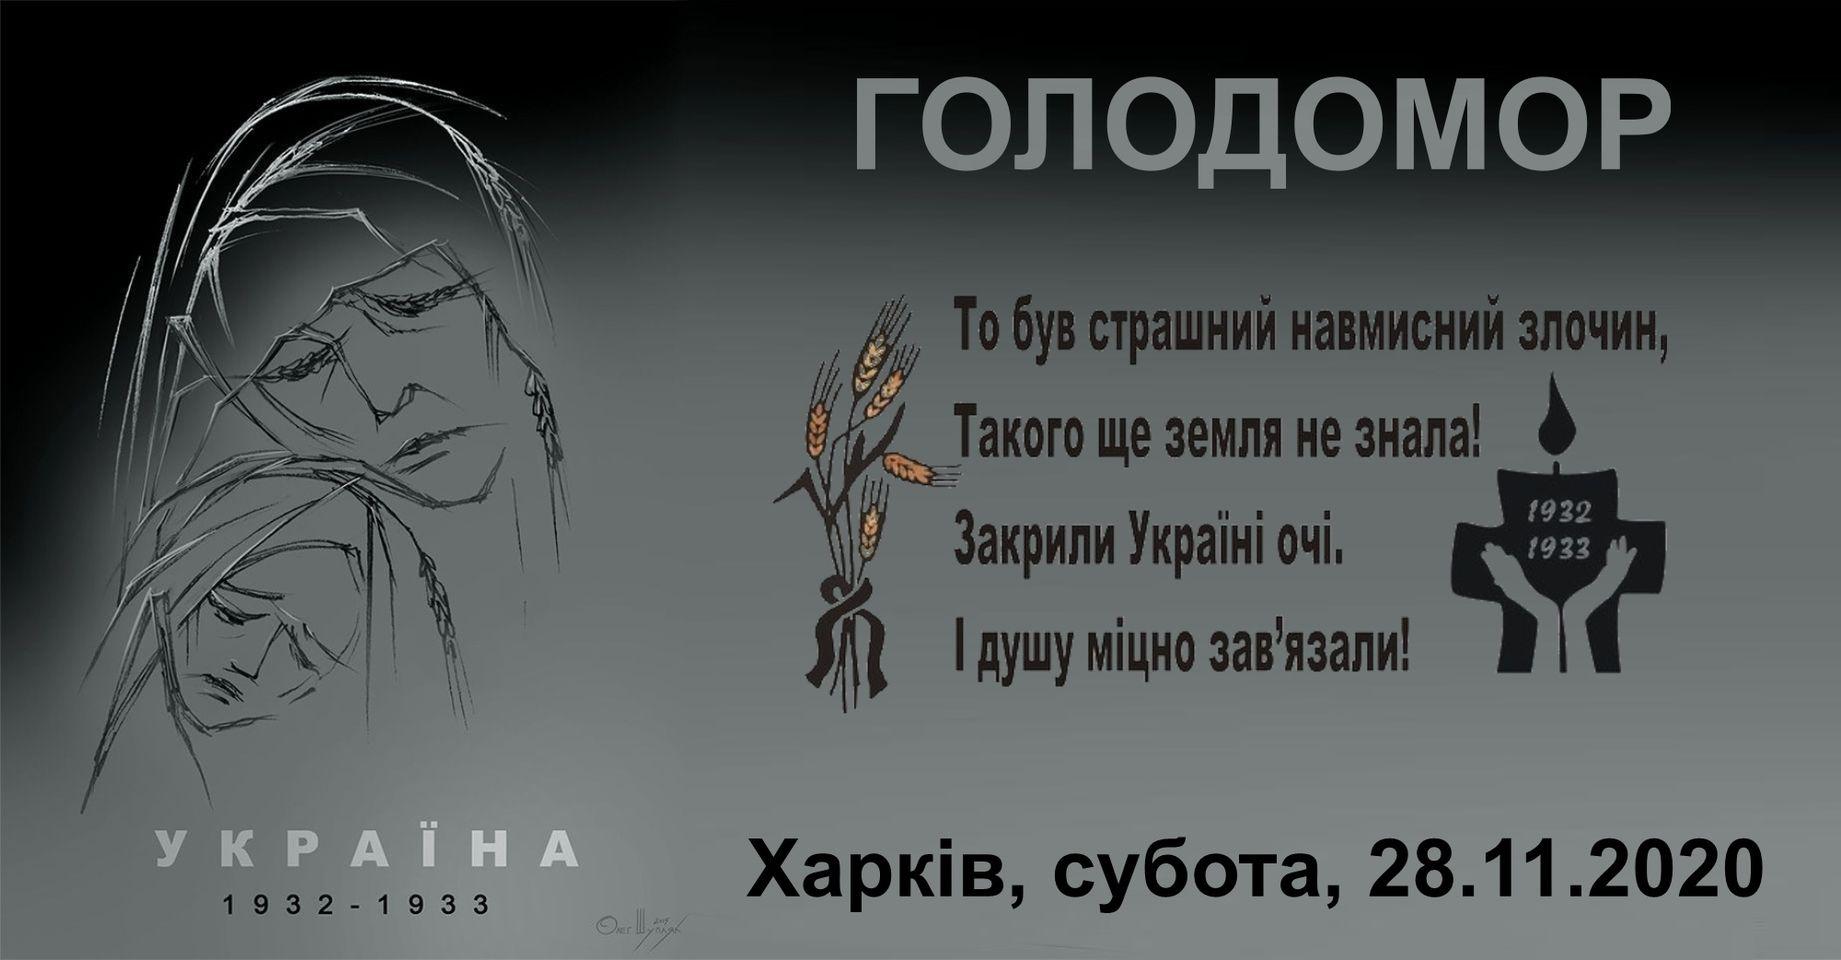 В Харькове в День памяти жертв голодоморов пройдет серия акций